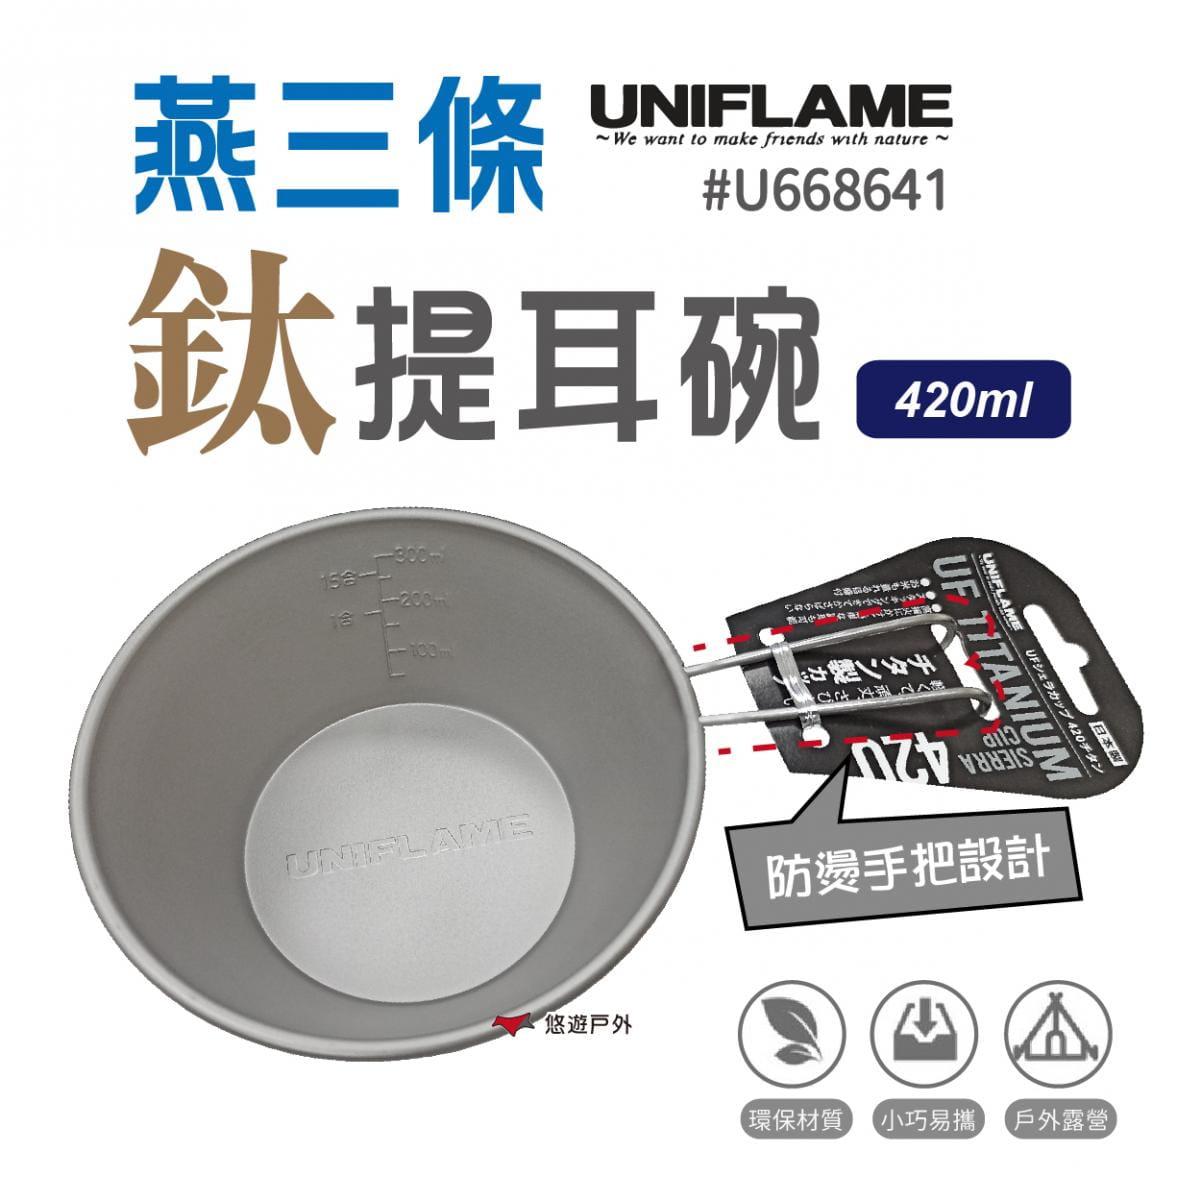 【UNIFLAME】U668641 日本 燕三條鈦提耳碗420ml 燕三條製 鈦 提耳碗 提耳掛鉤